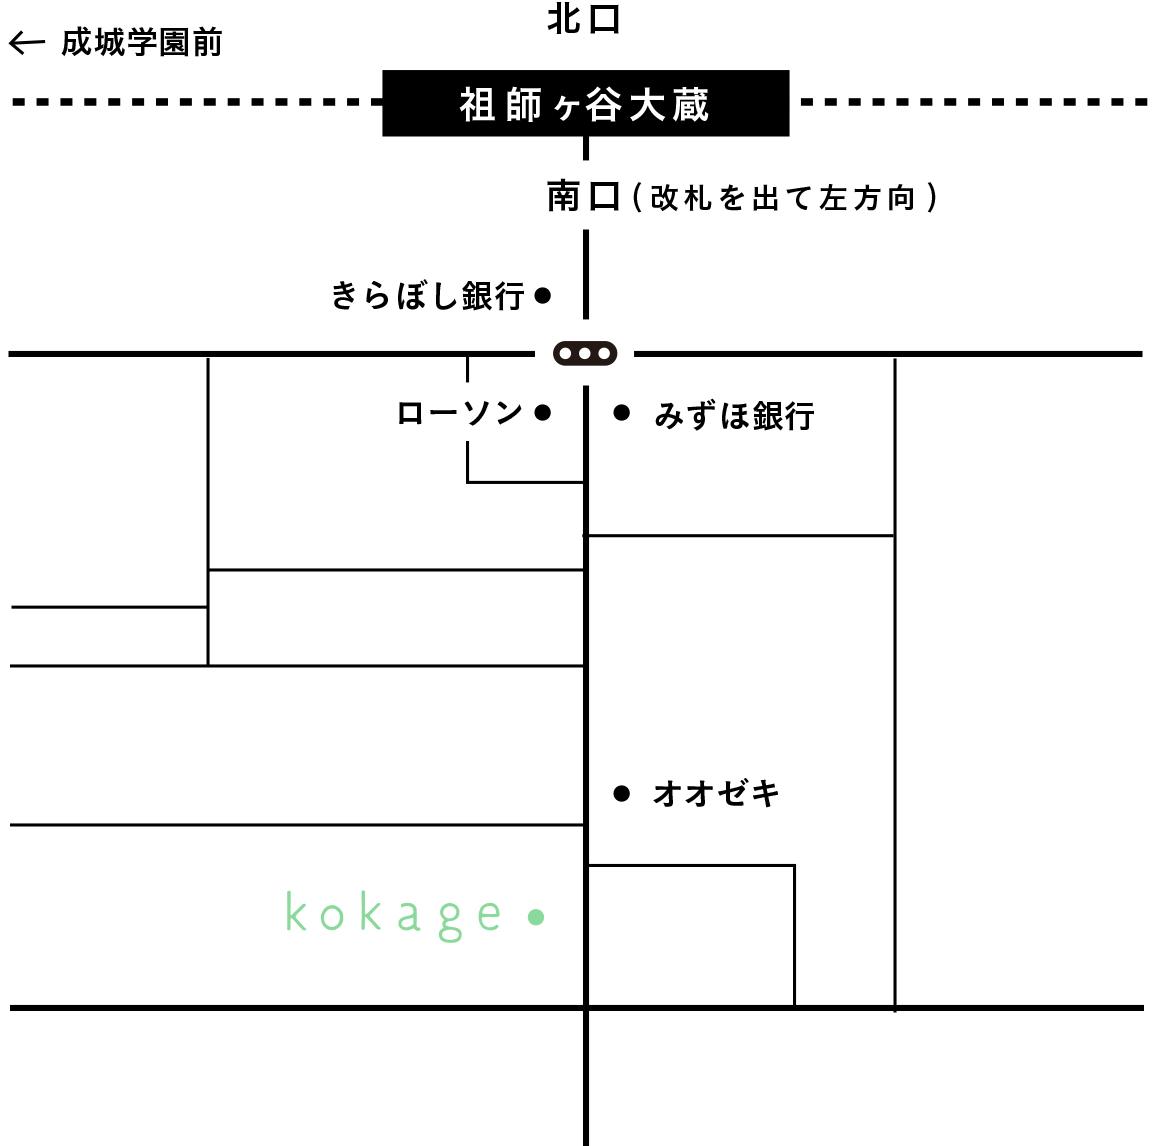 大蔵 オオゼキ 谷 祖師 ヶ